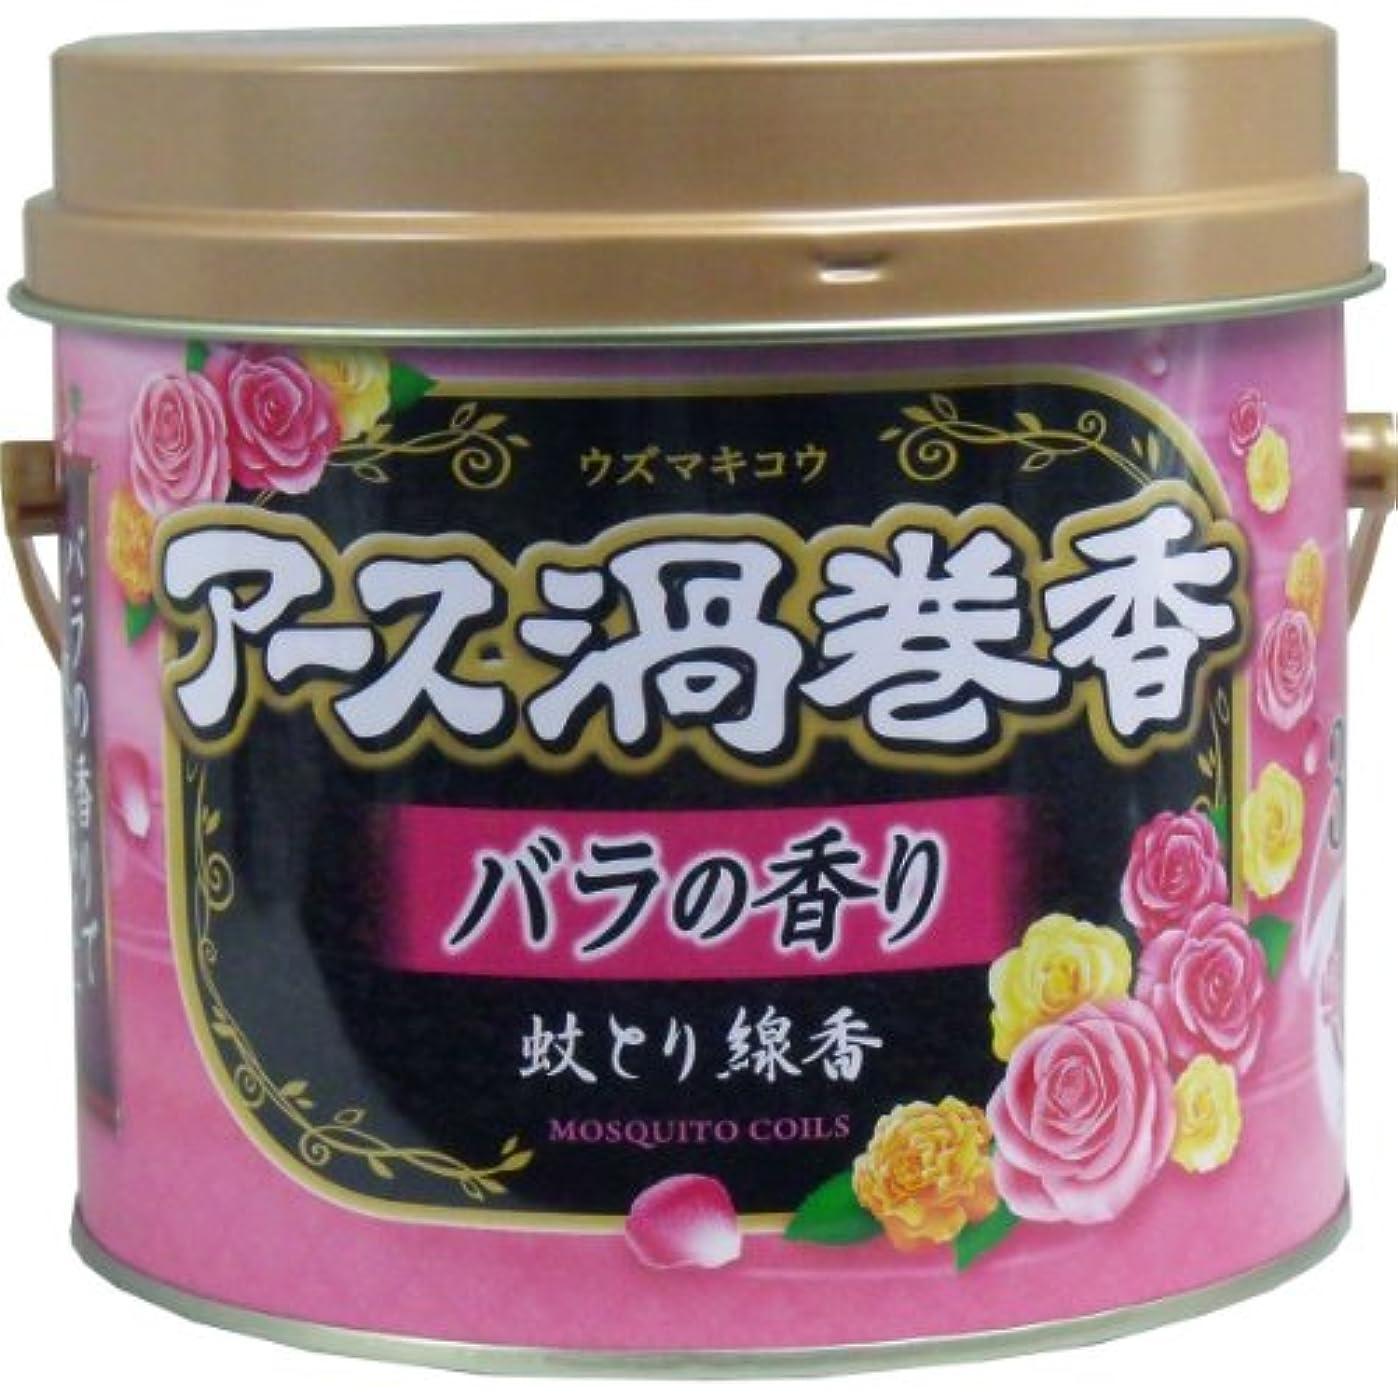 にじみ出る感情の確実アース渦巻香 蚊とり線香 バラの香り 30巻 3個セット